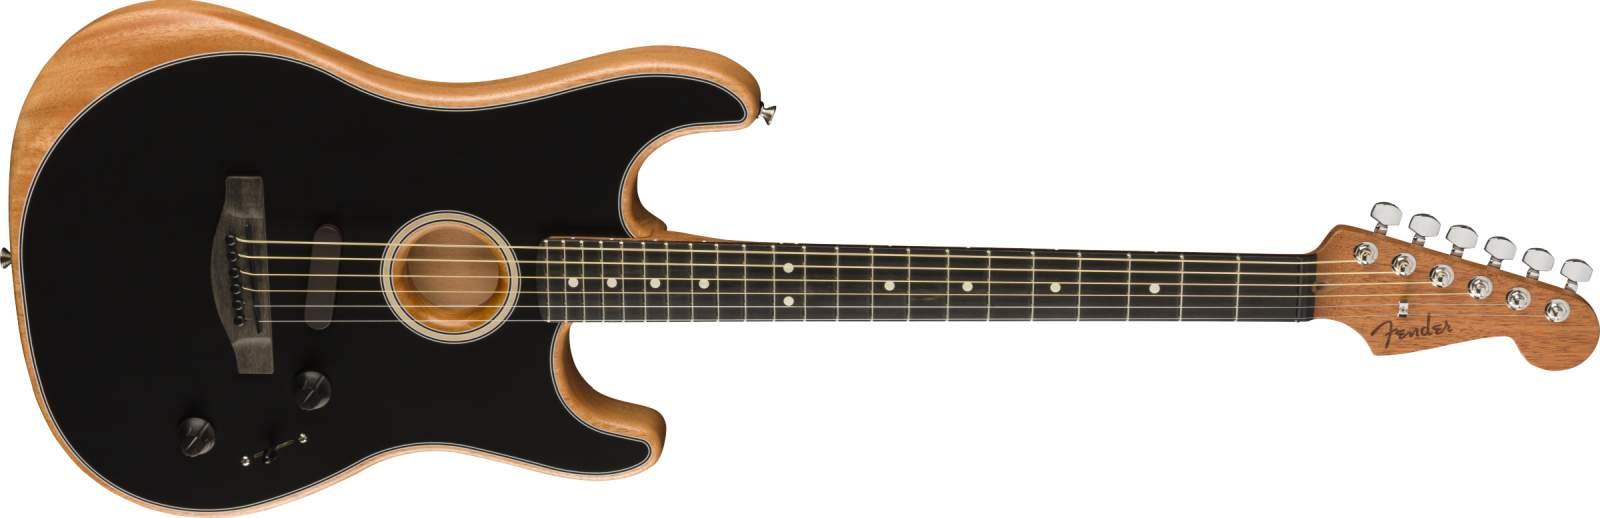 Fender Acoustasonic Stratocaster BK